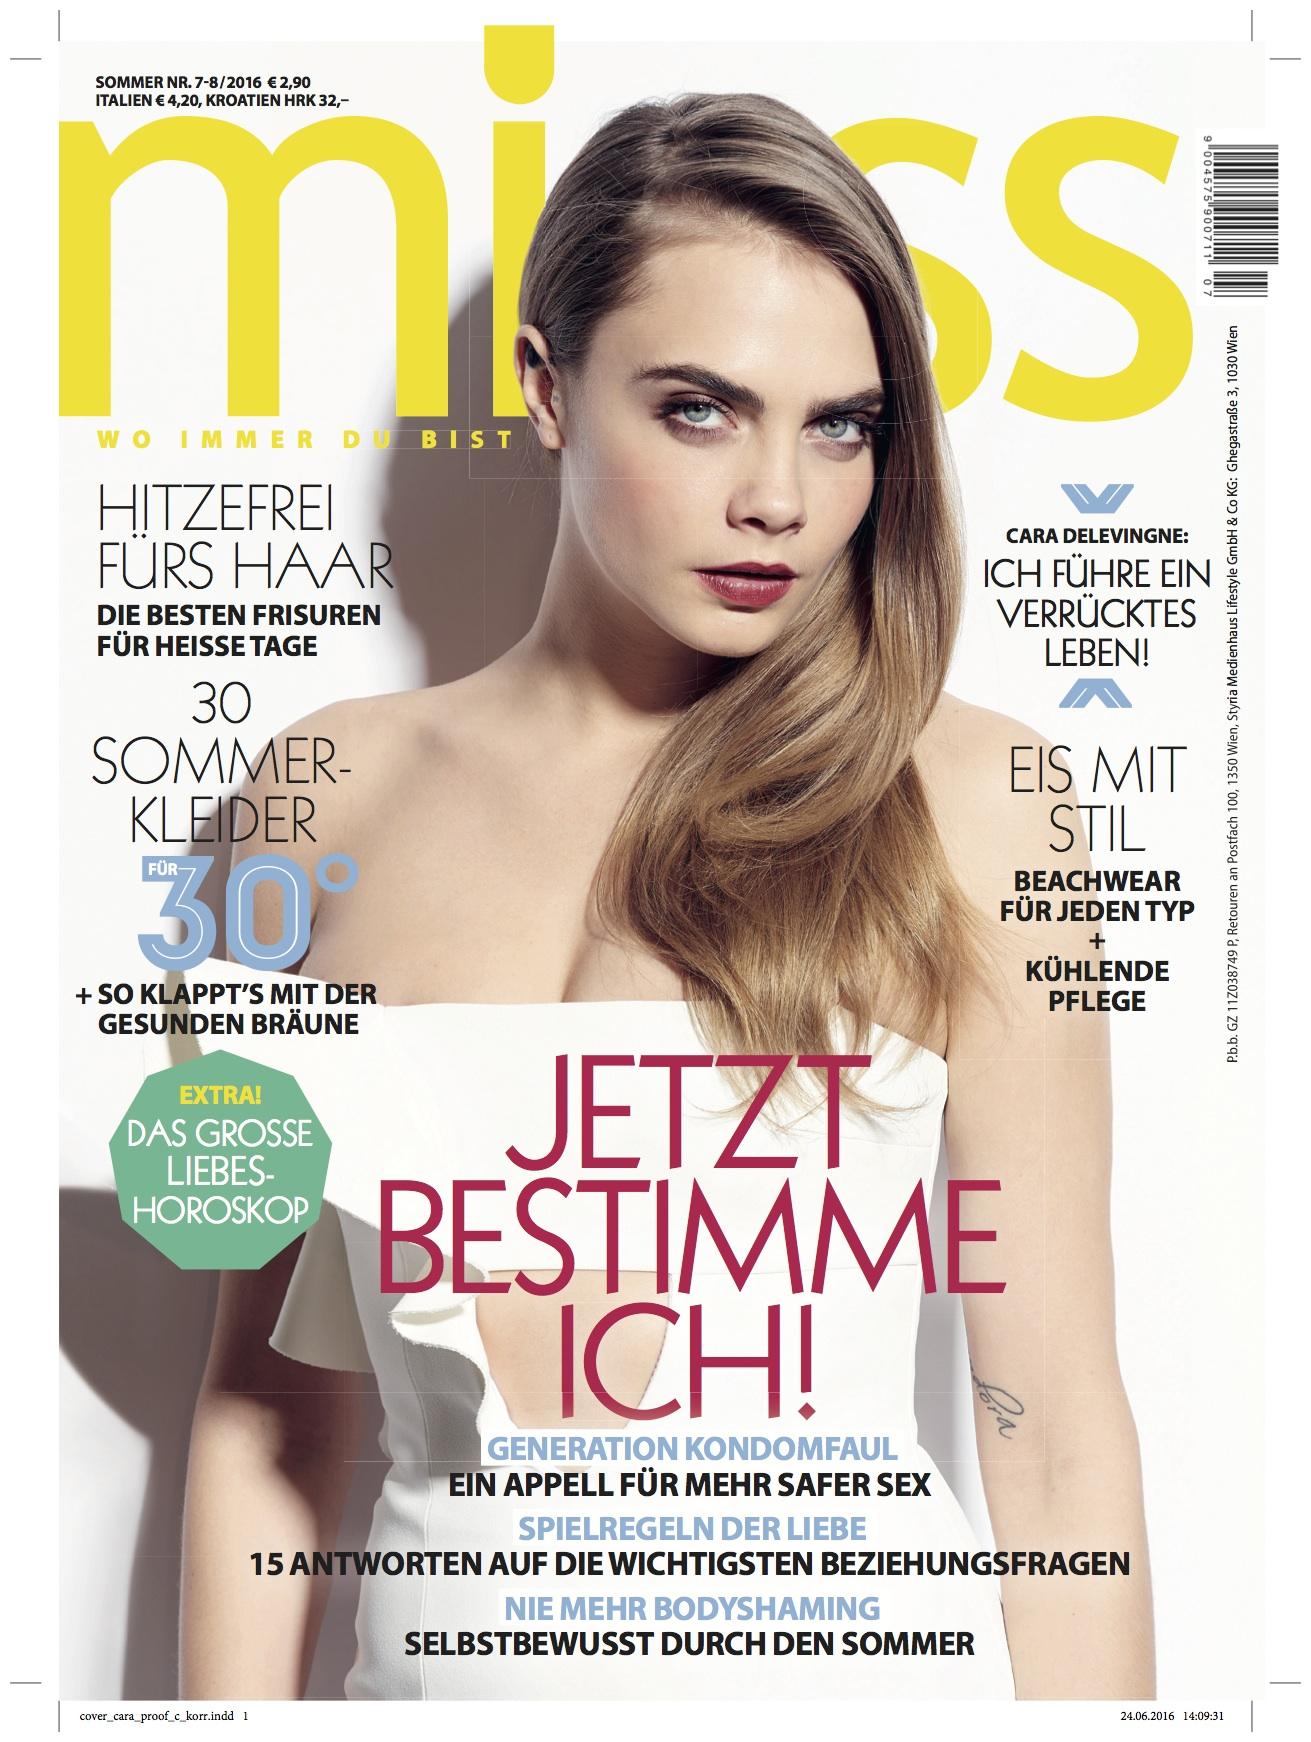 160707 Miss Magazin Cover.jpg